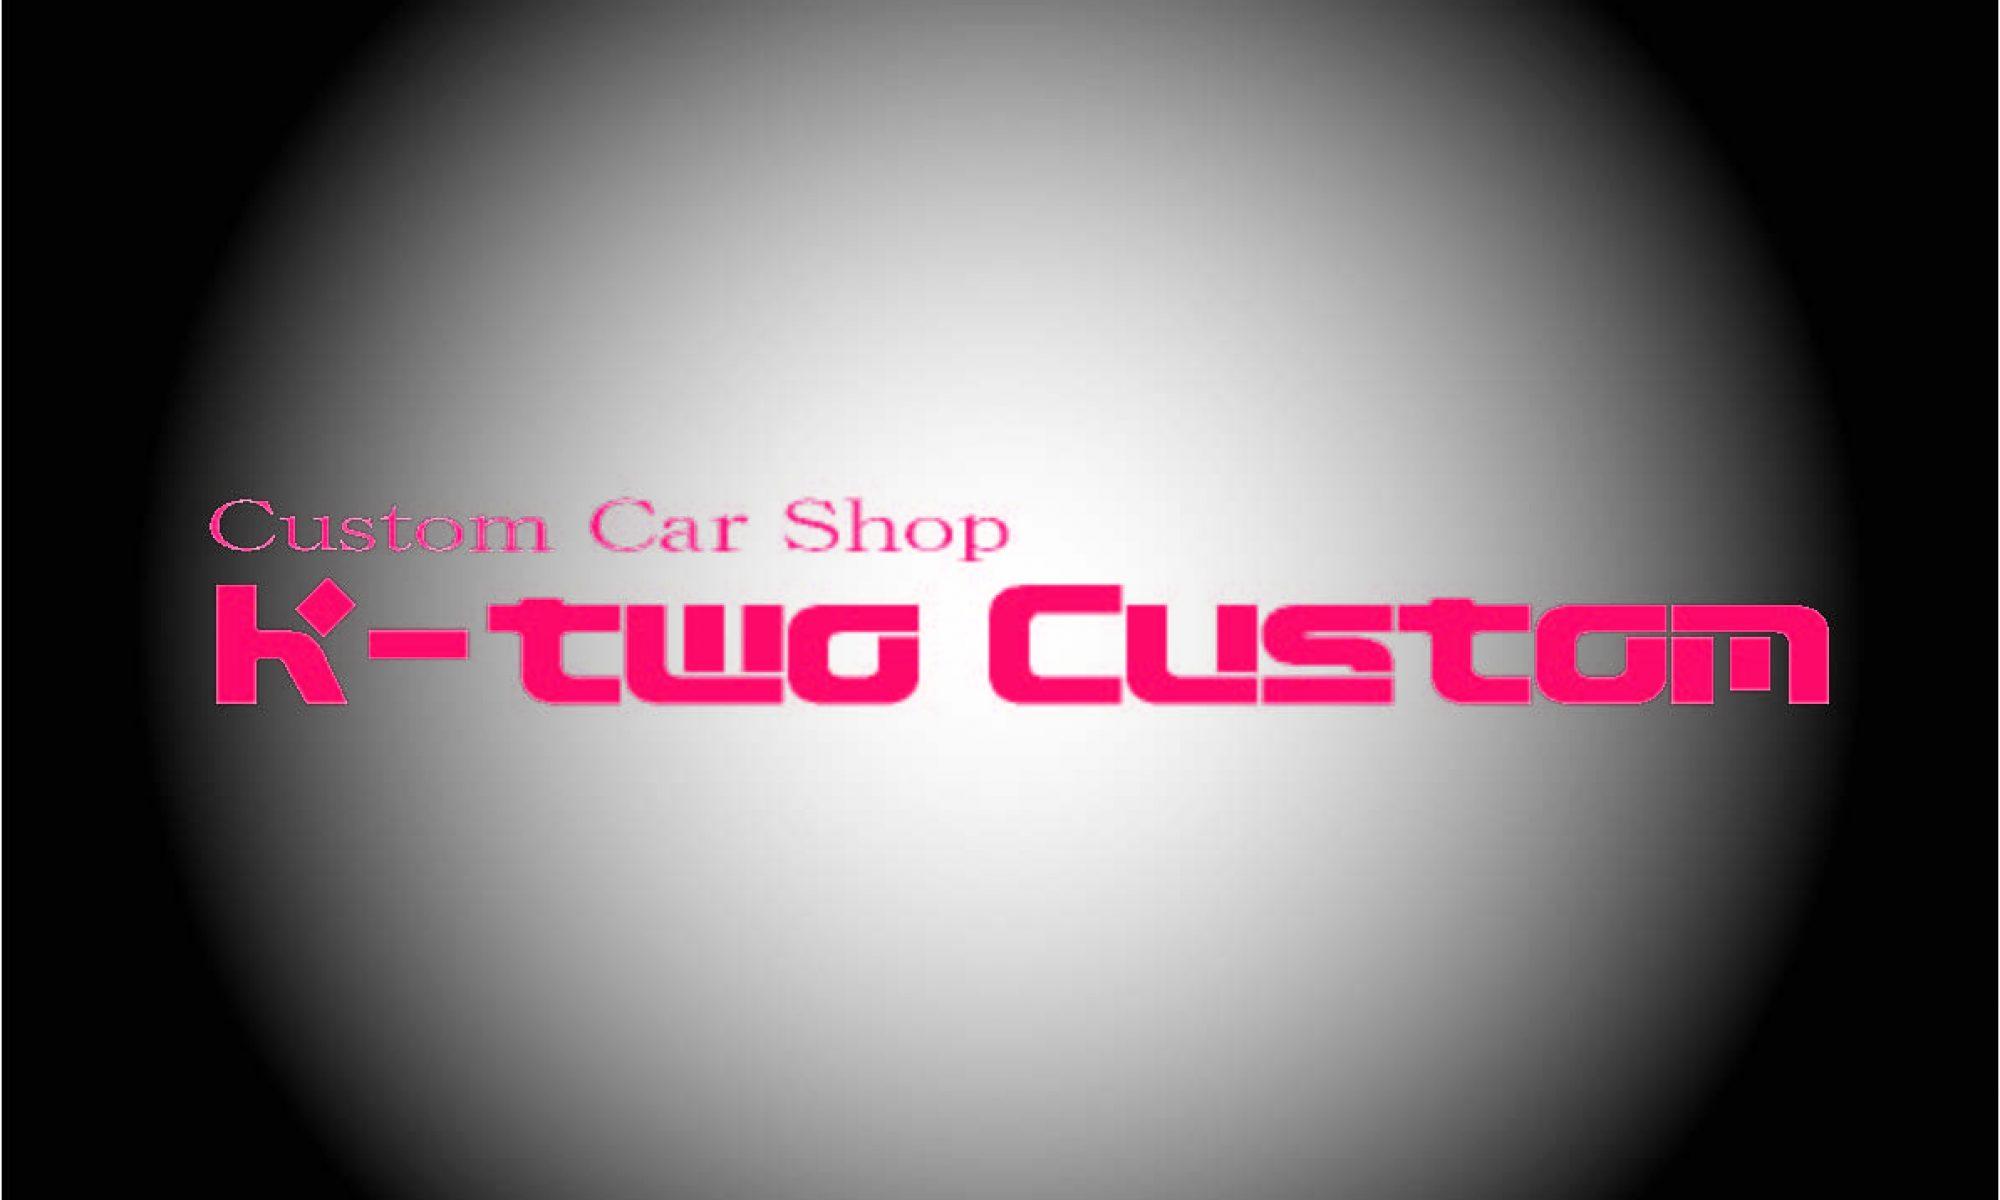 K-two  custom